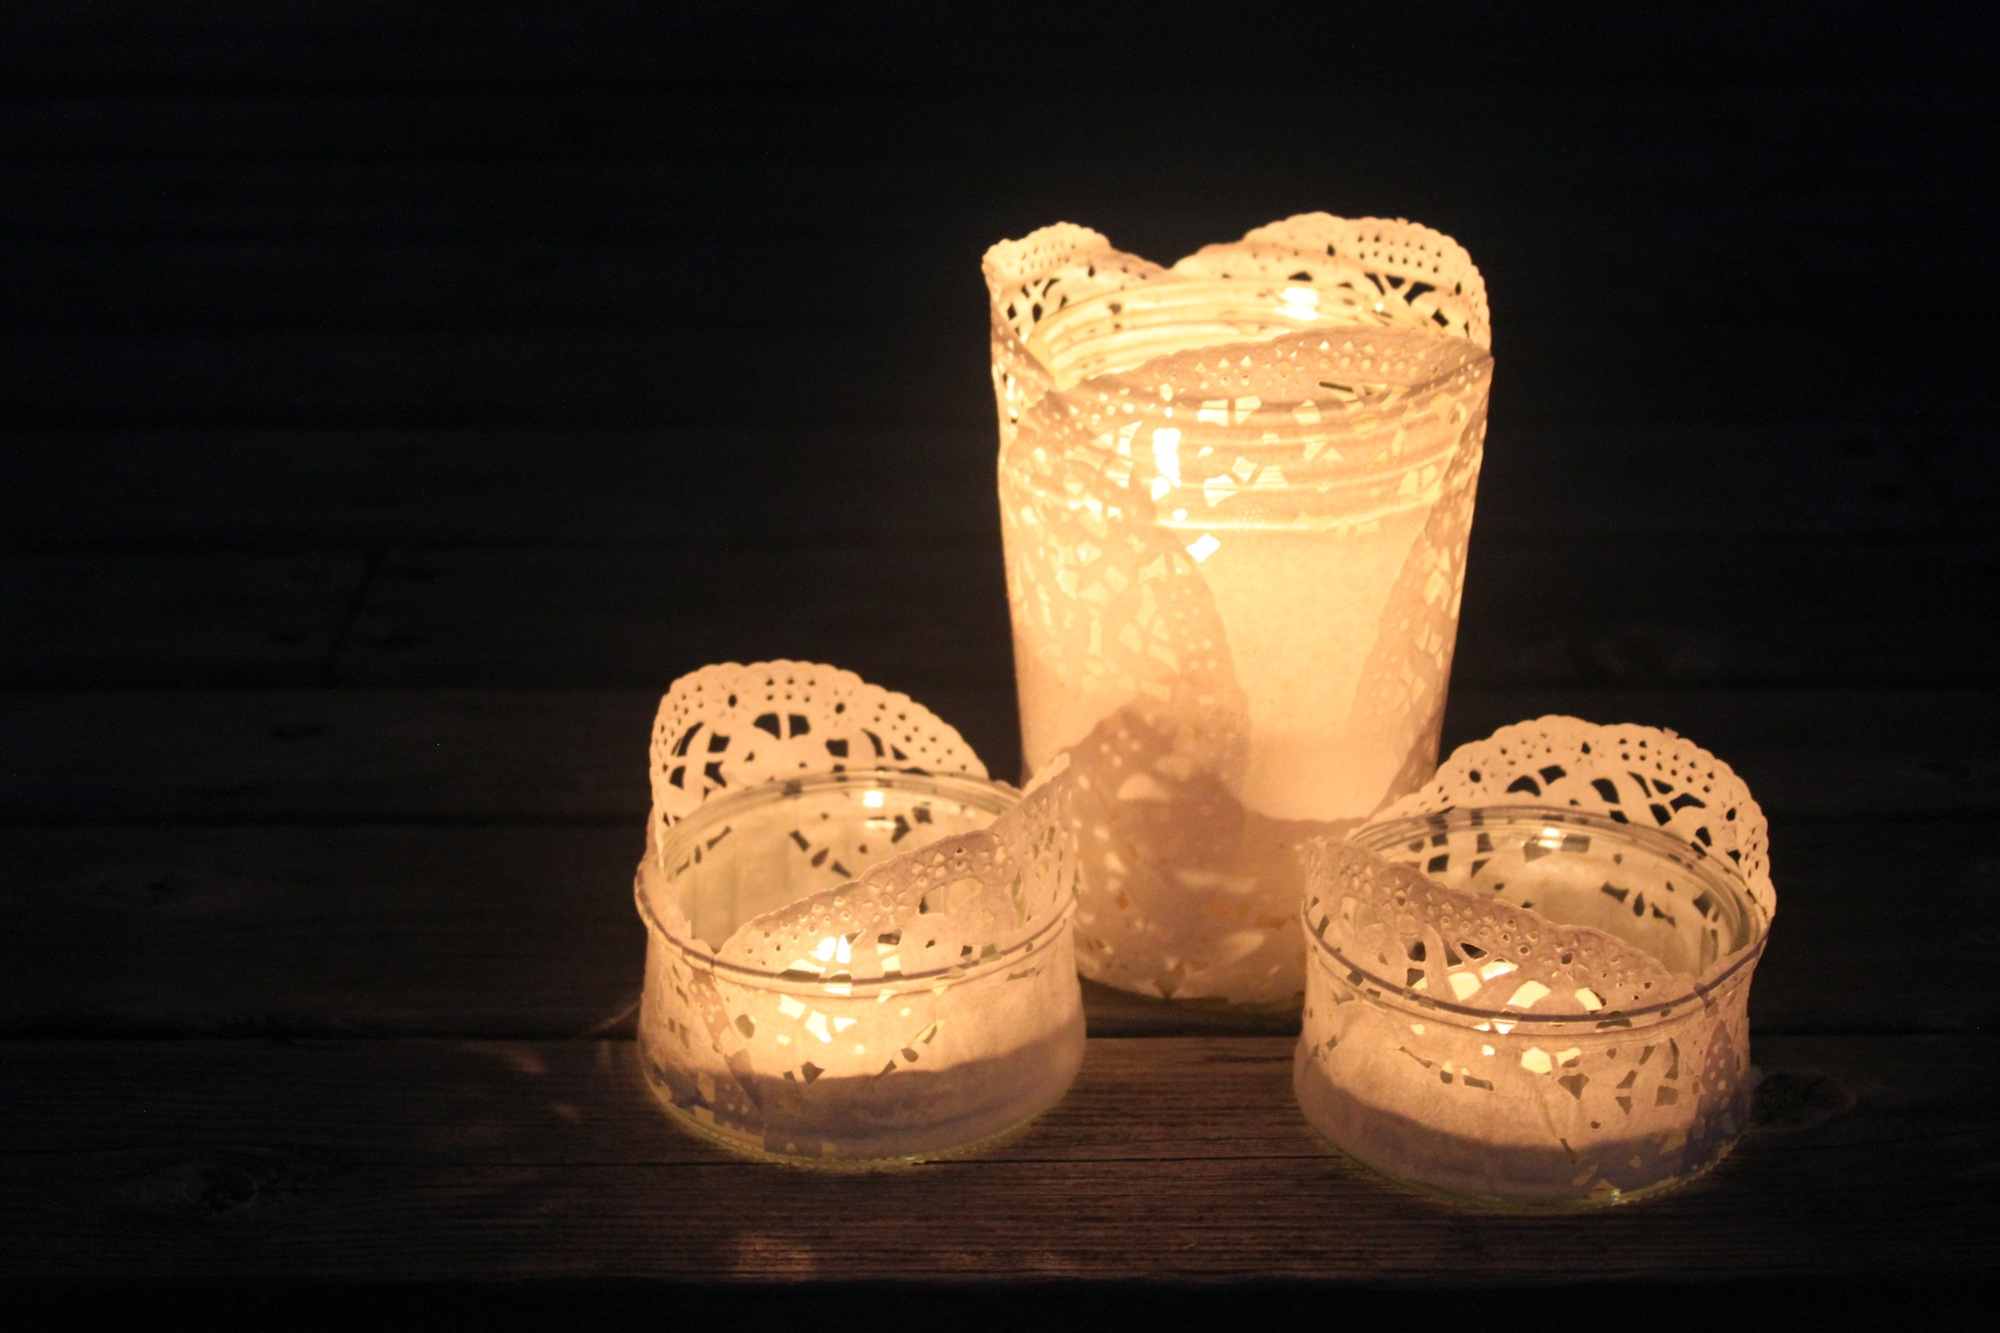 diy doily tea light holders. Black Bedroom Furniture Sets. Home Design Ideas